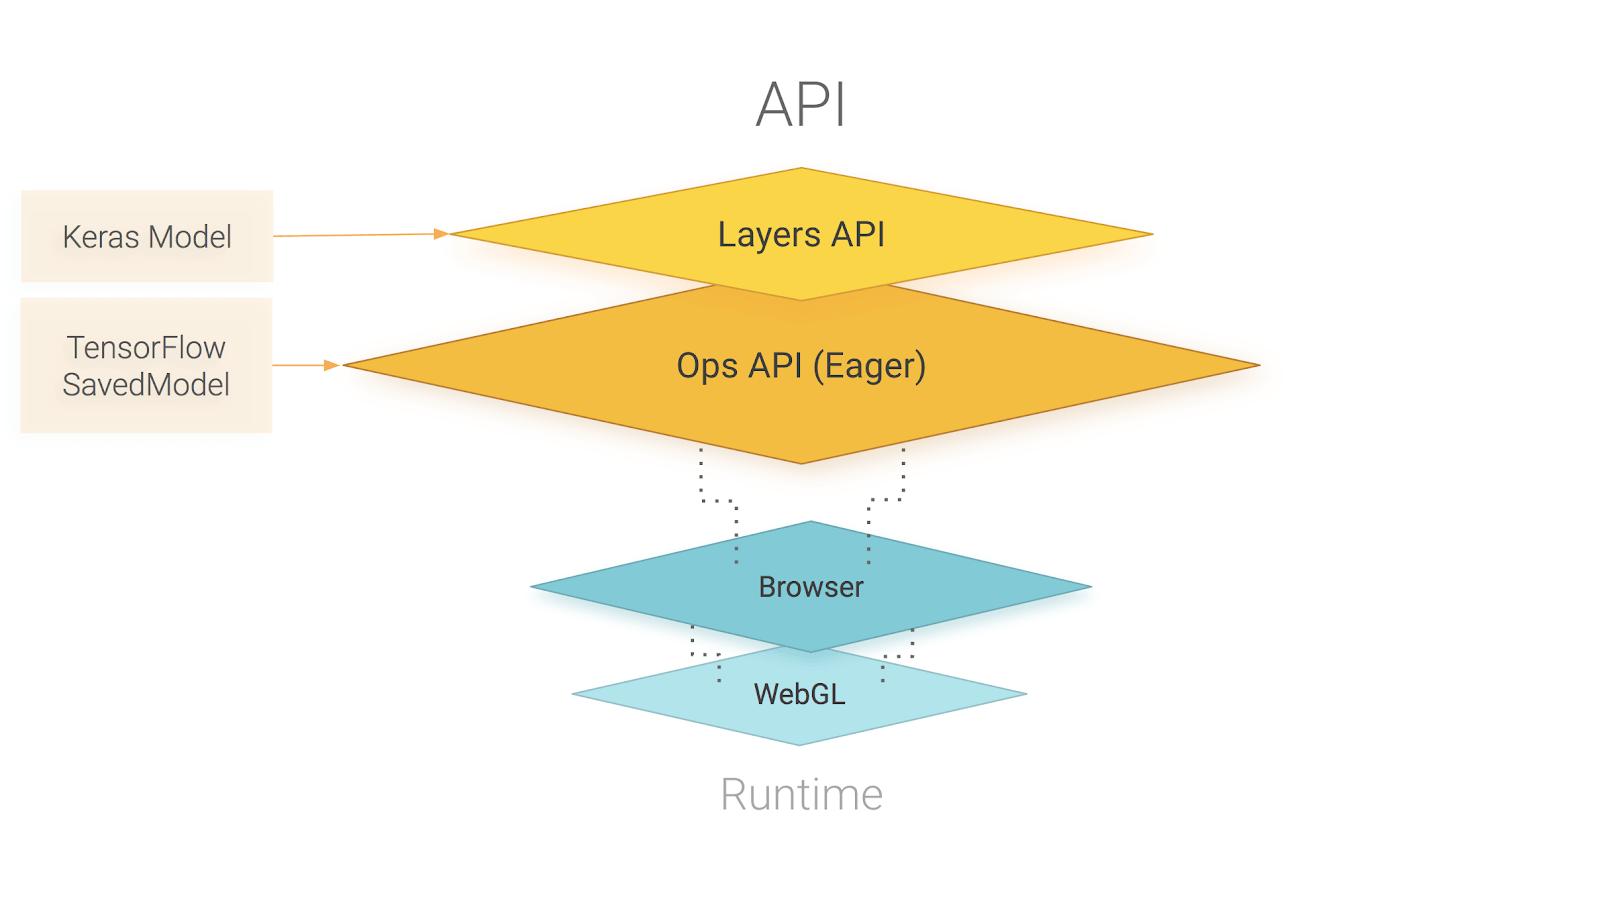 Обзор API TensorFlow.js. TensorFlow.js работает на WebGL и предоставляет высокоуровневый API для создания моделей и низкоуровневый API для работы с линейной алгебры и алгеброическим дифференциированием (automatic differentation). TensorFlow.js поддерживает импорт моделей Tensorflow SavedModels иKeras